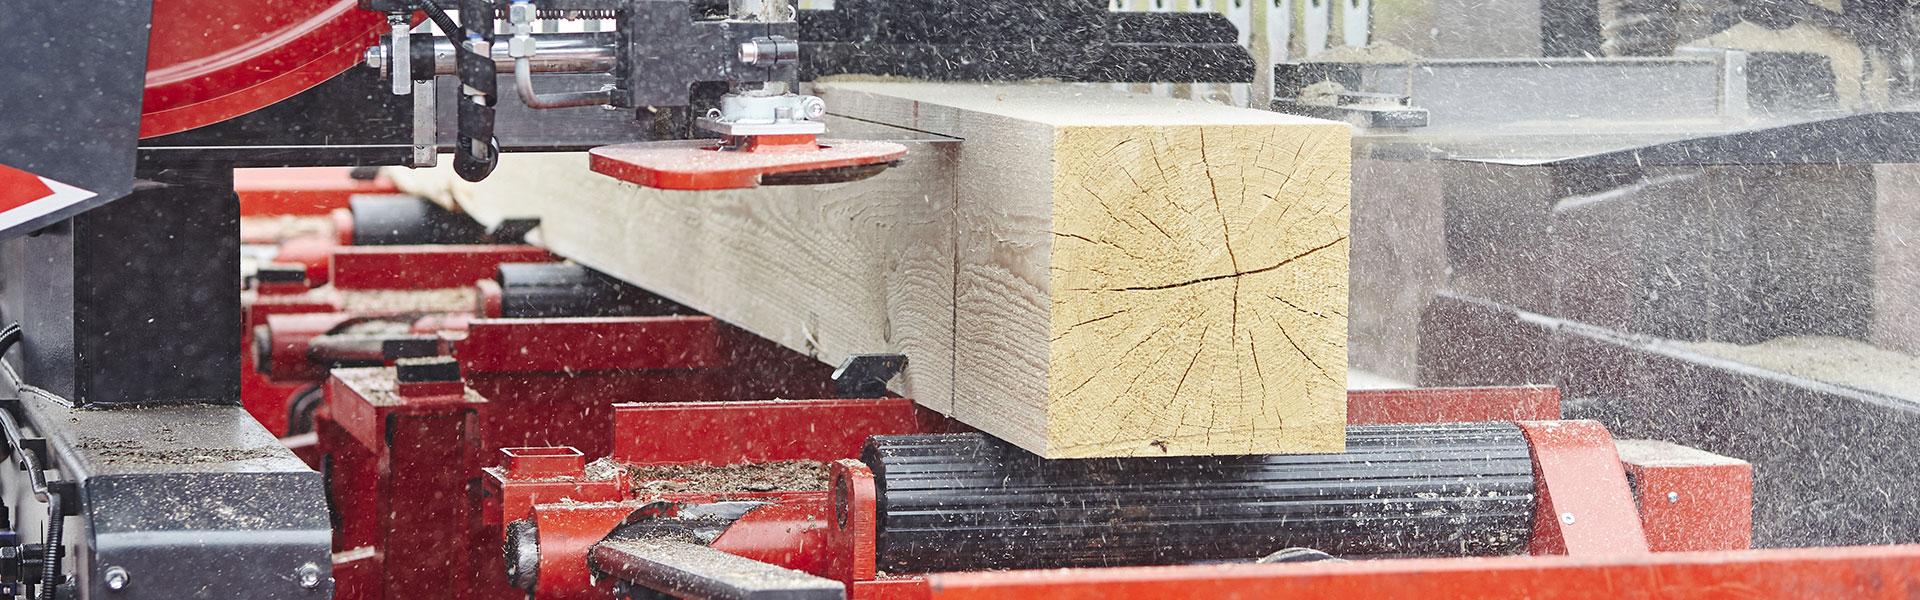 timber-machining-slider